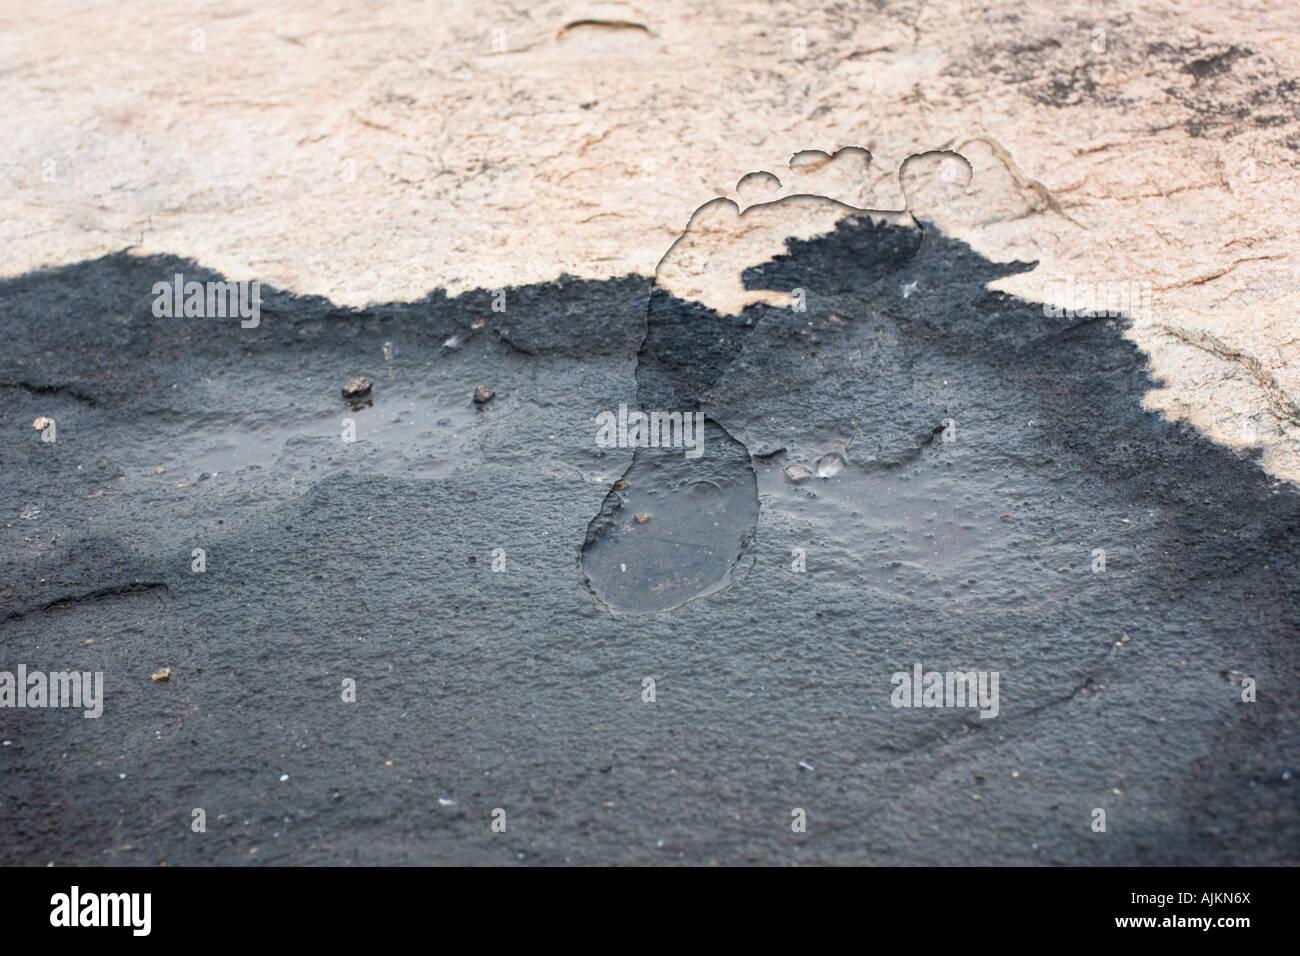 Footprint sovrapposti nella roccia per rappresentare le emissioni di anidride carbonica Immagini Stock